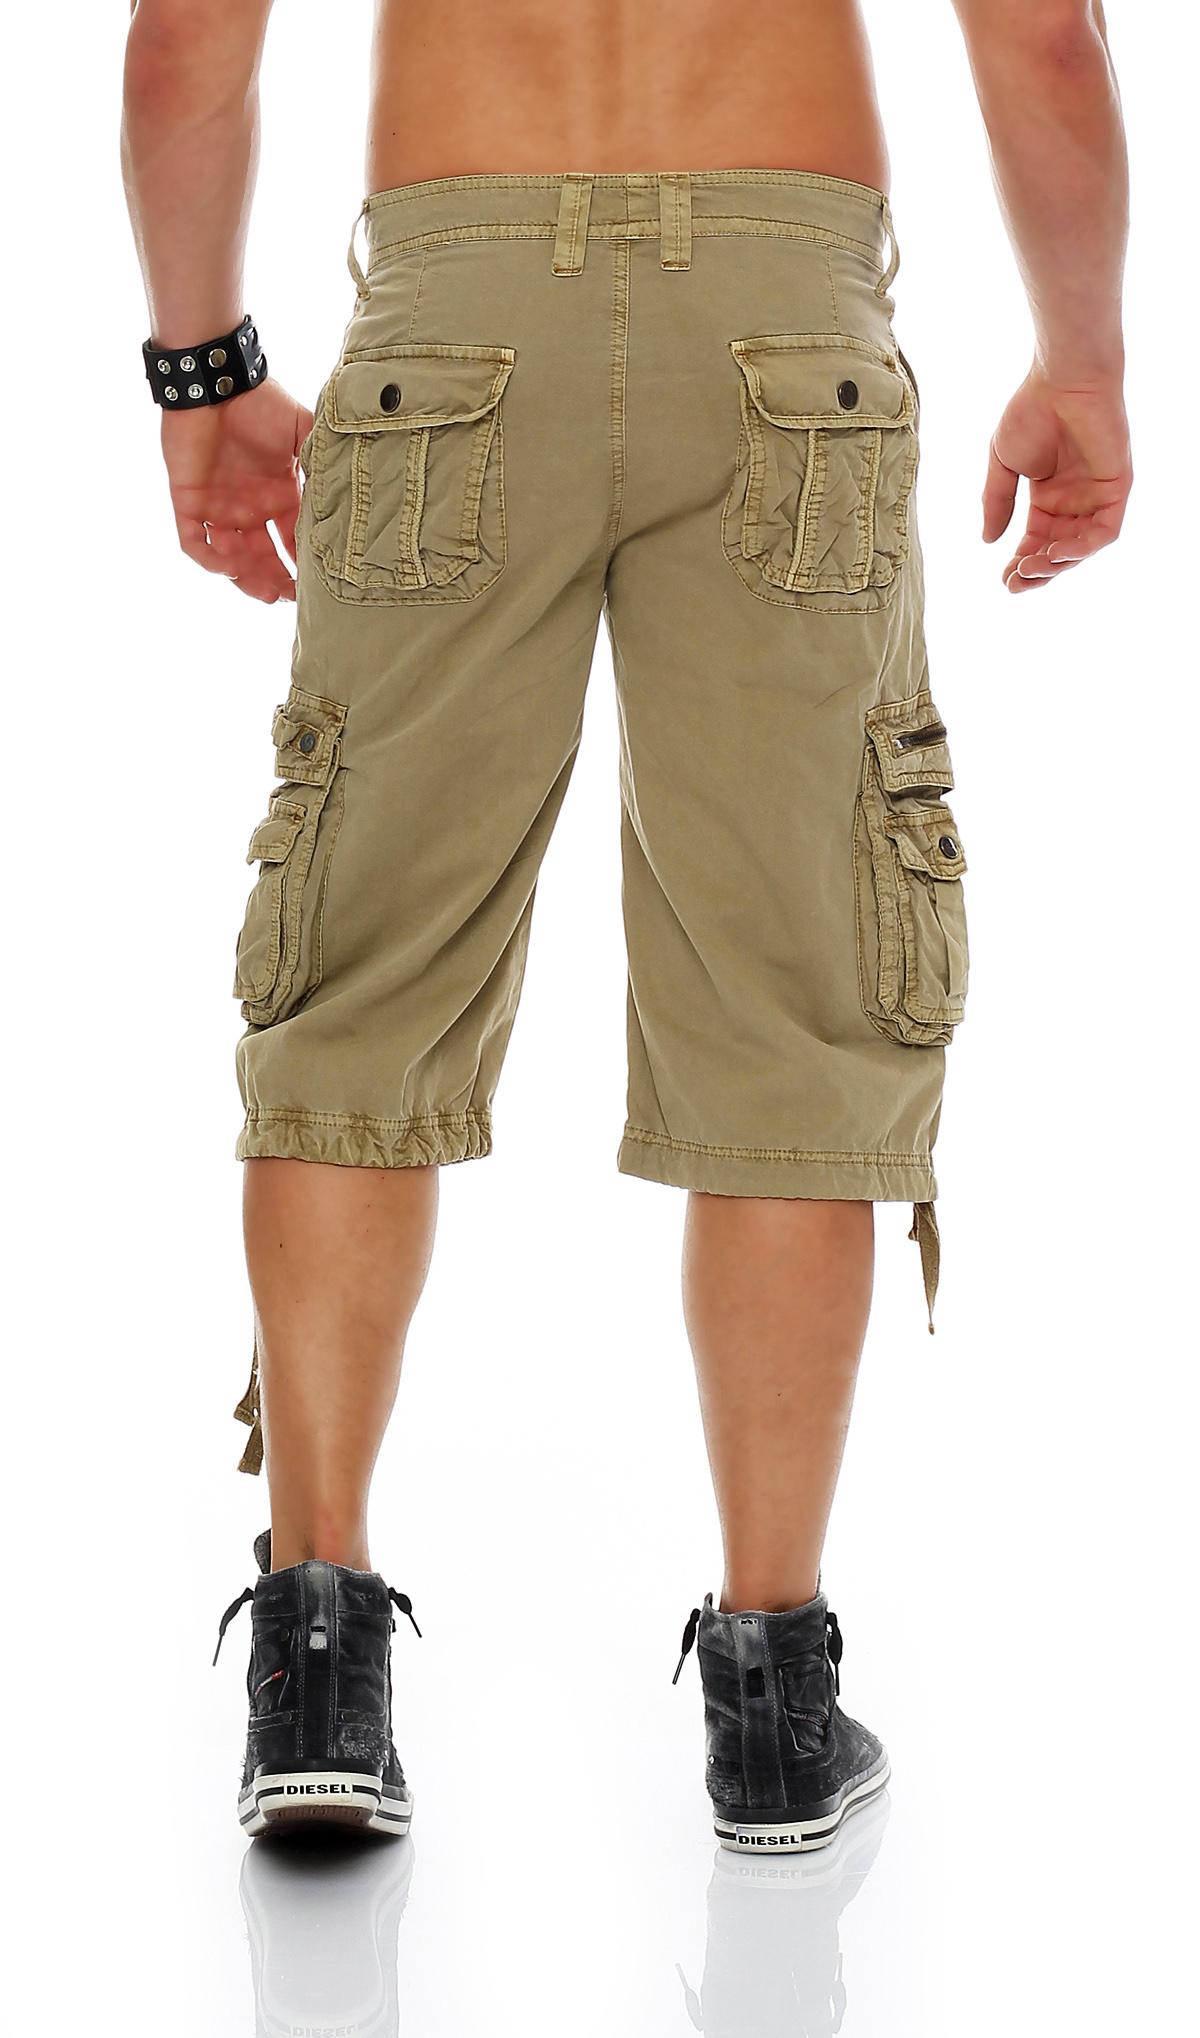 605 herren shorts freemen bermuda sommer cargo capri kurze. Black Bedroom Furniture Sets. Home Design Ideas